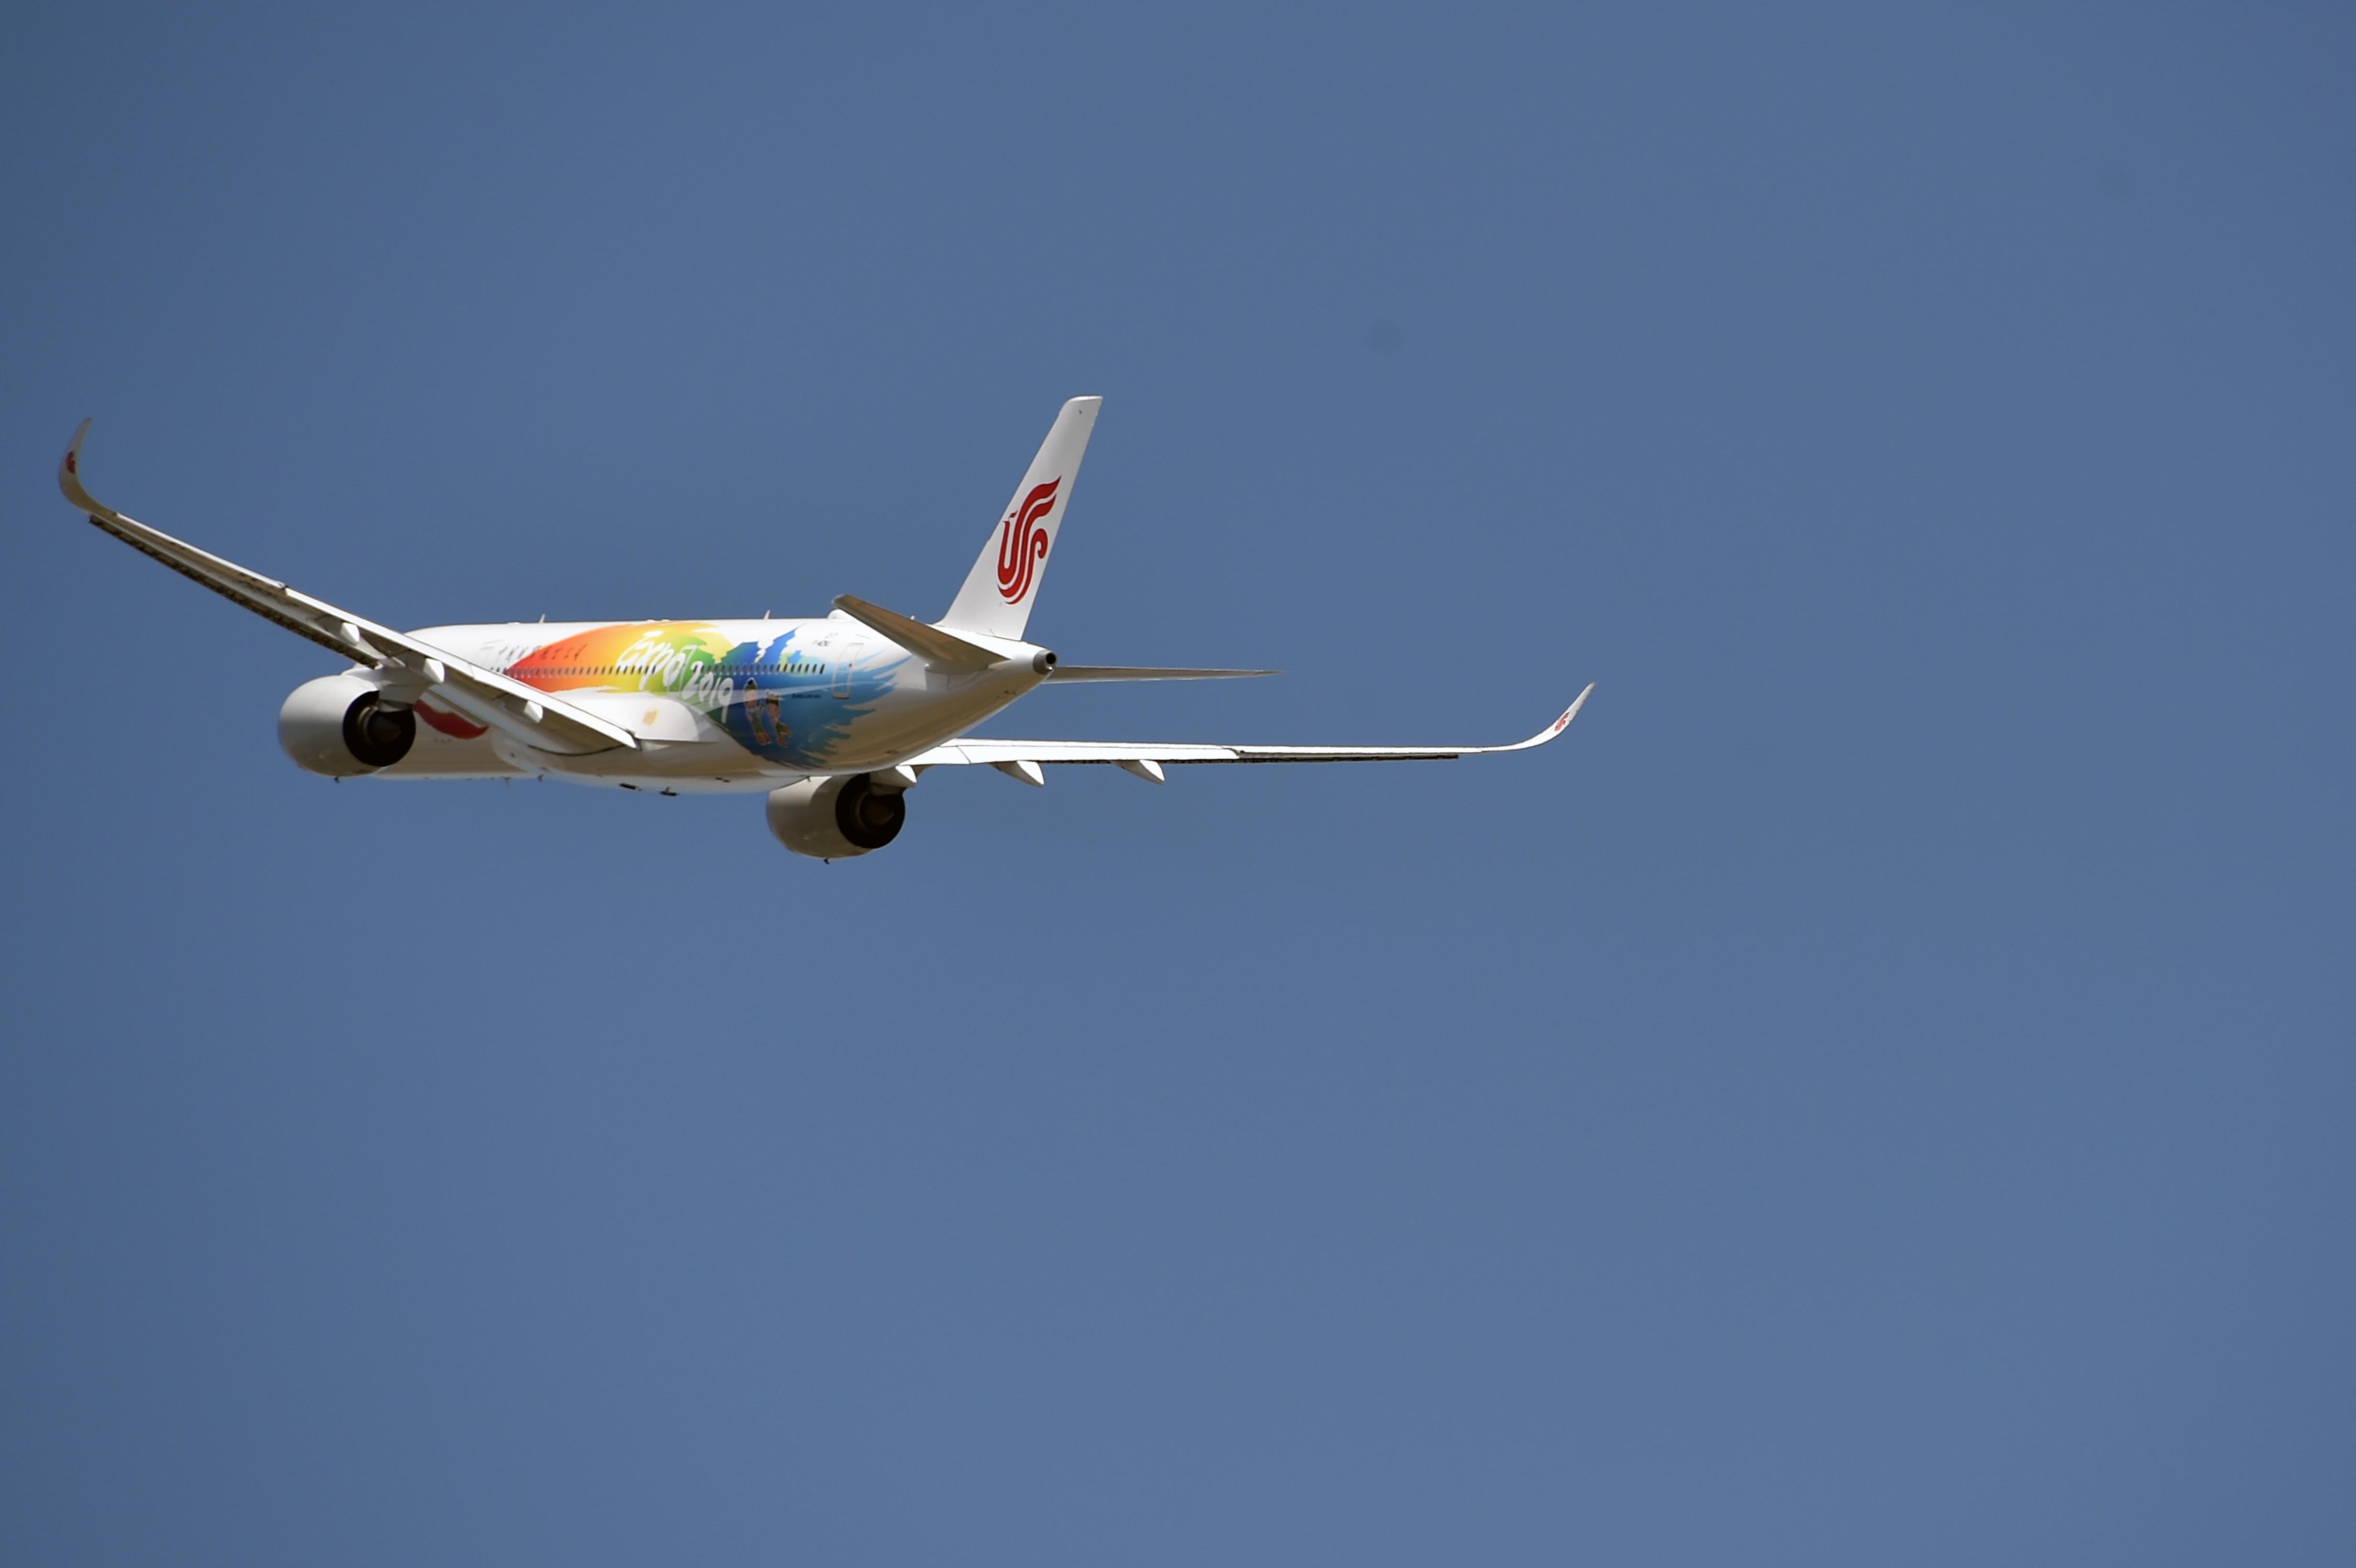 飛安事故頻發 暴露中共民航管理何種缺陷